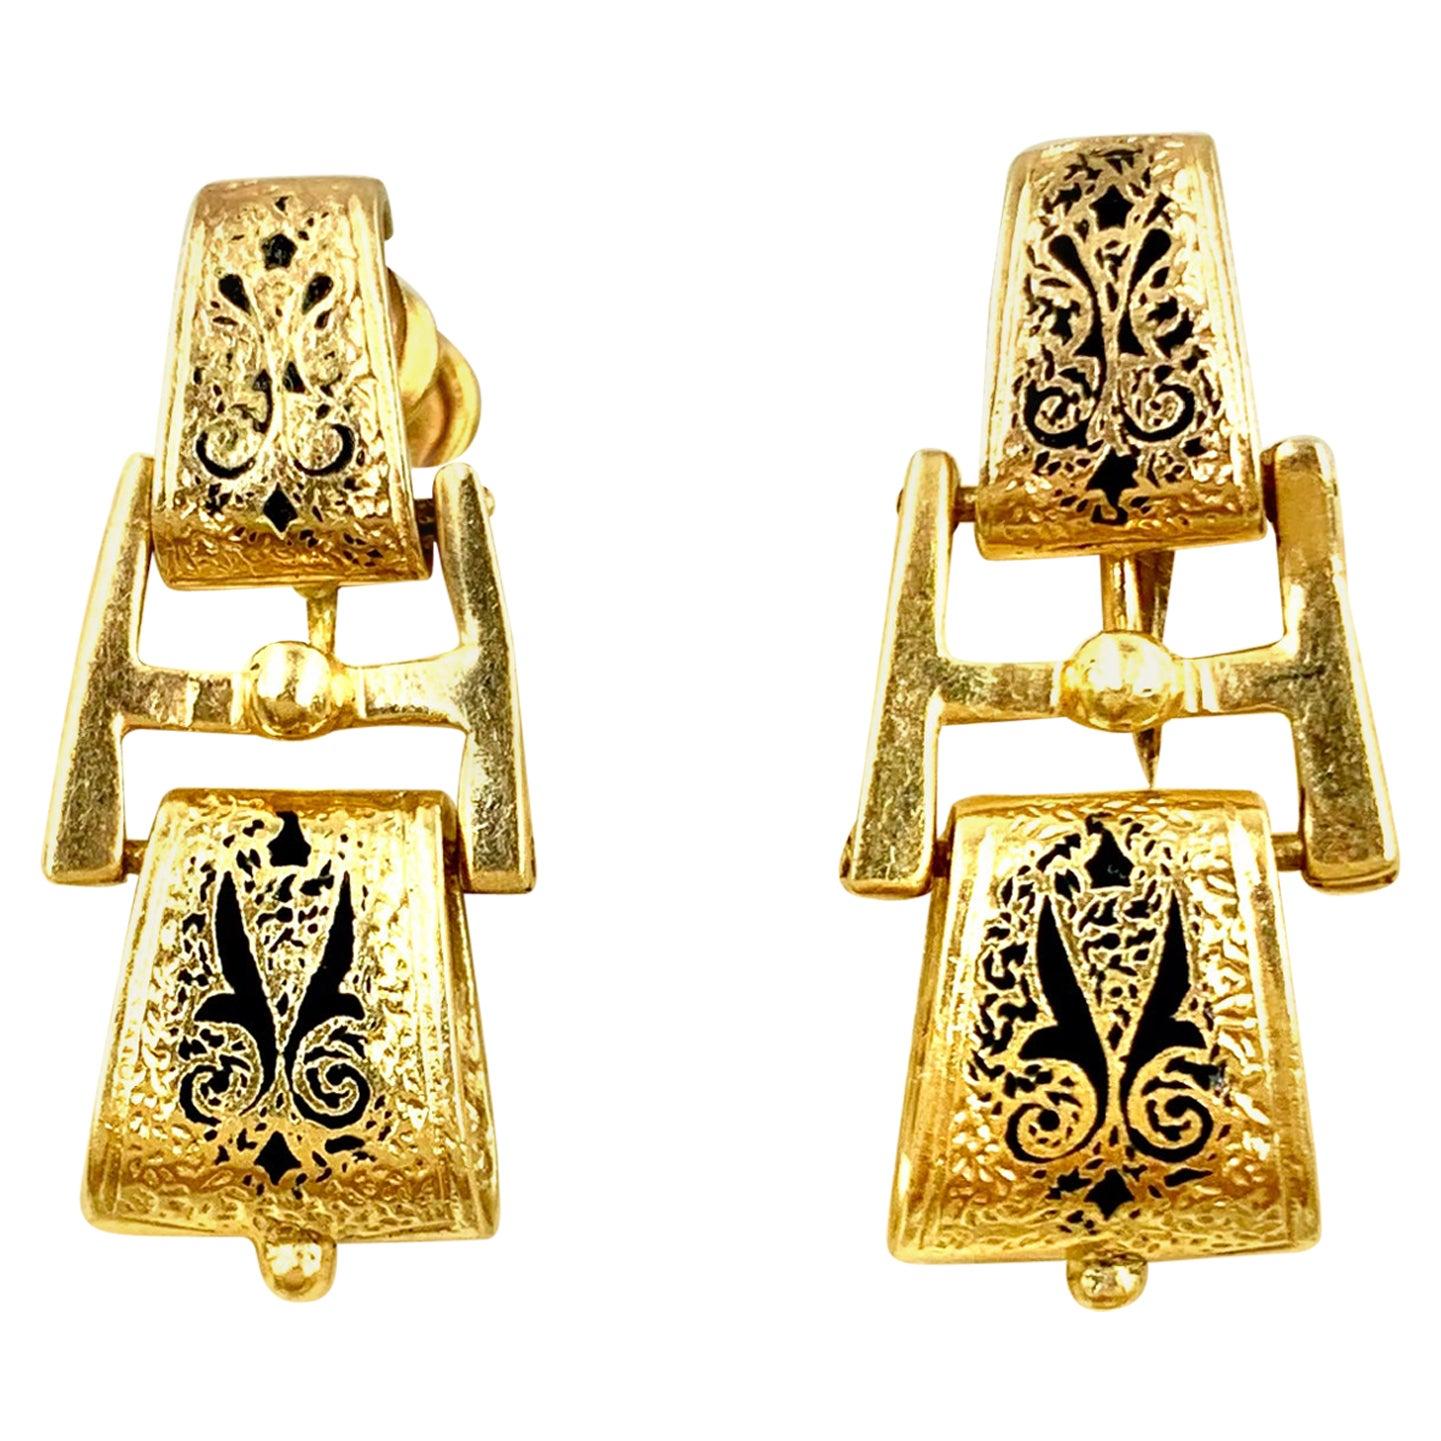 Victorian Etruscan Revival 14 Karat Yellow Gold Enamel Doorknocker Earrings